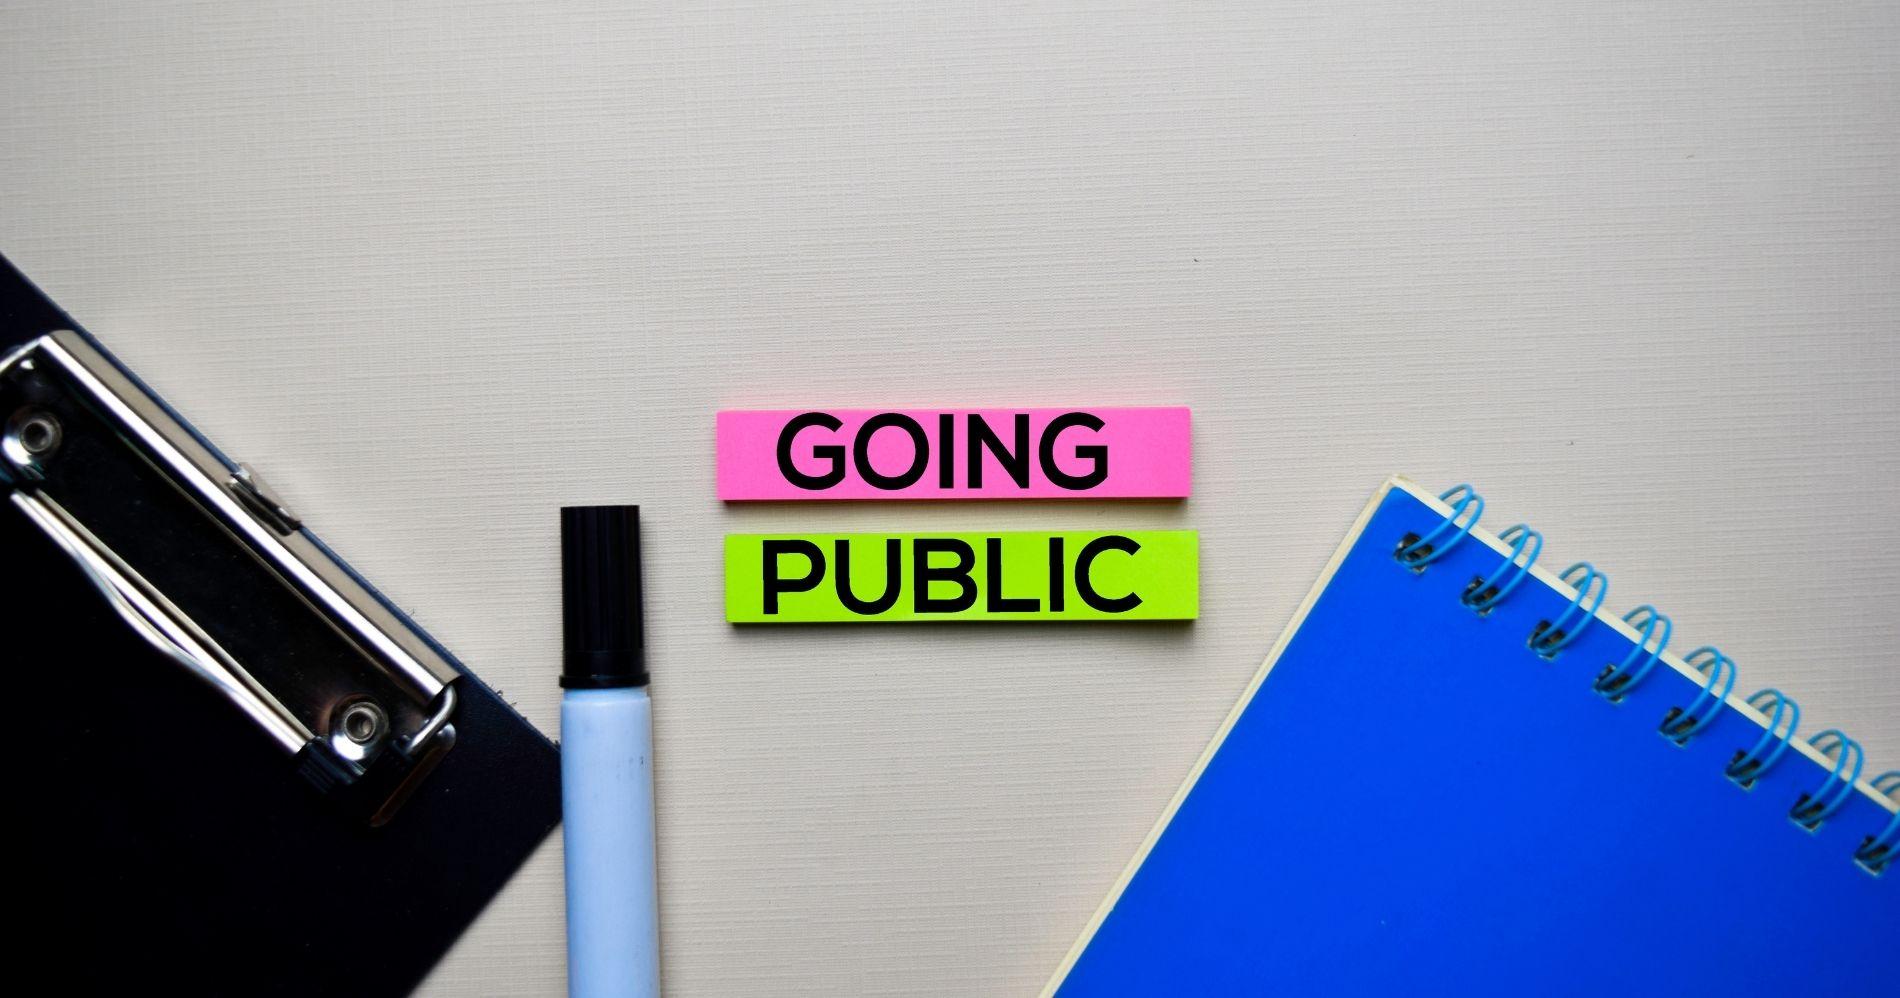 Manfaat dan Konsekuensi Perusahaan Go Public Illustration Web Bisnis Muda - Image: Canva